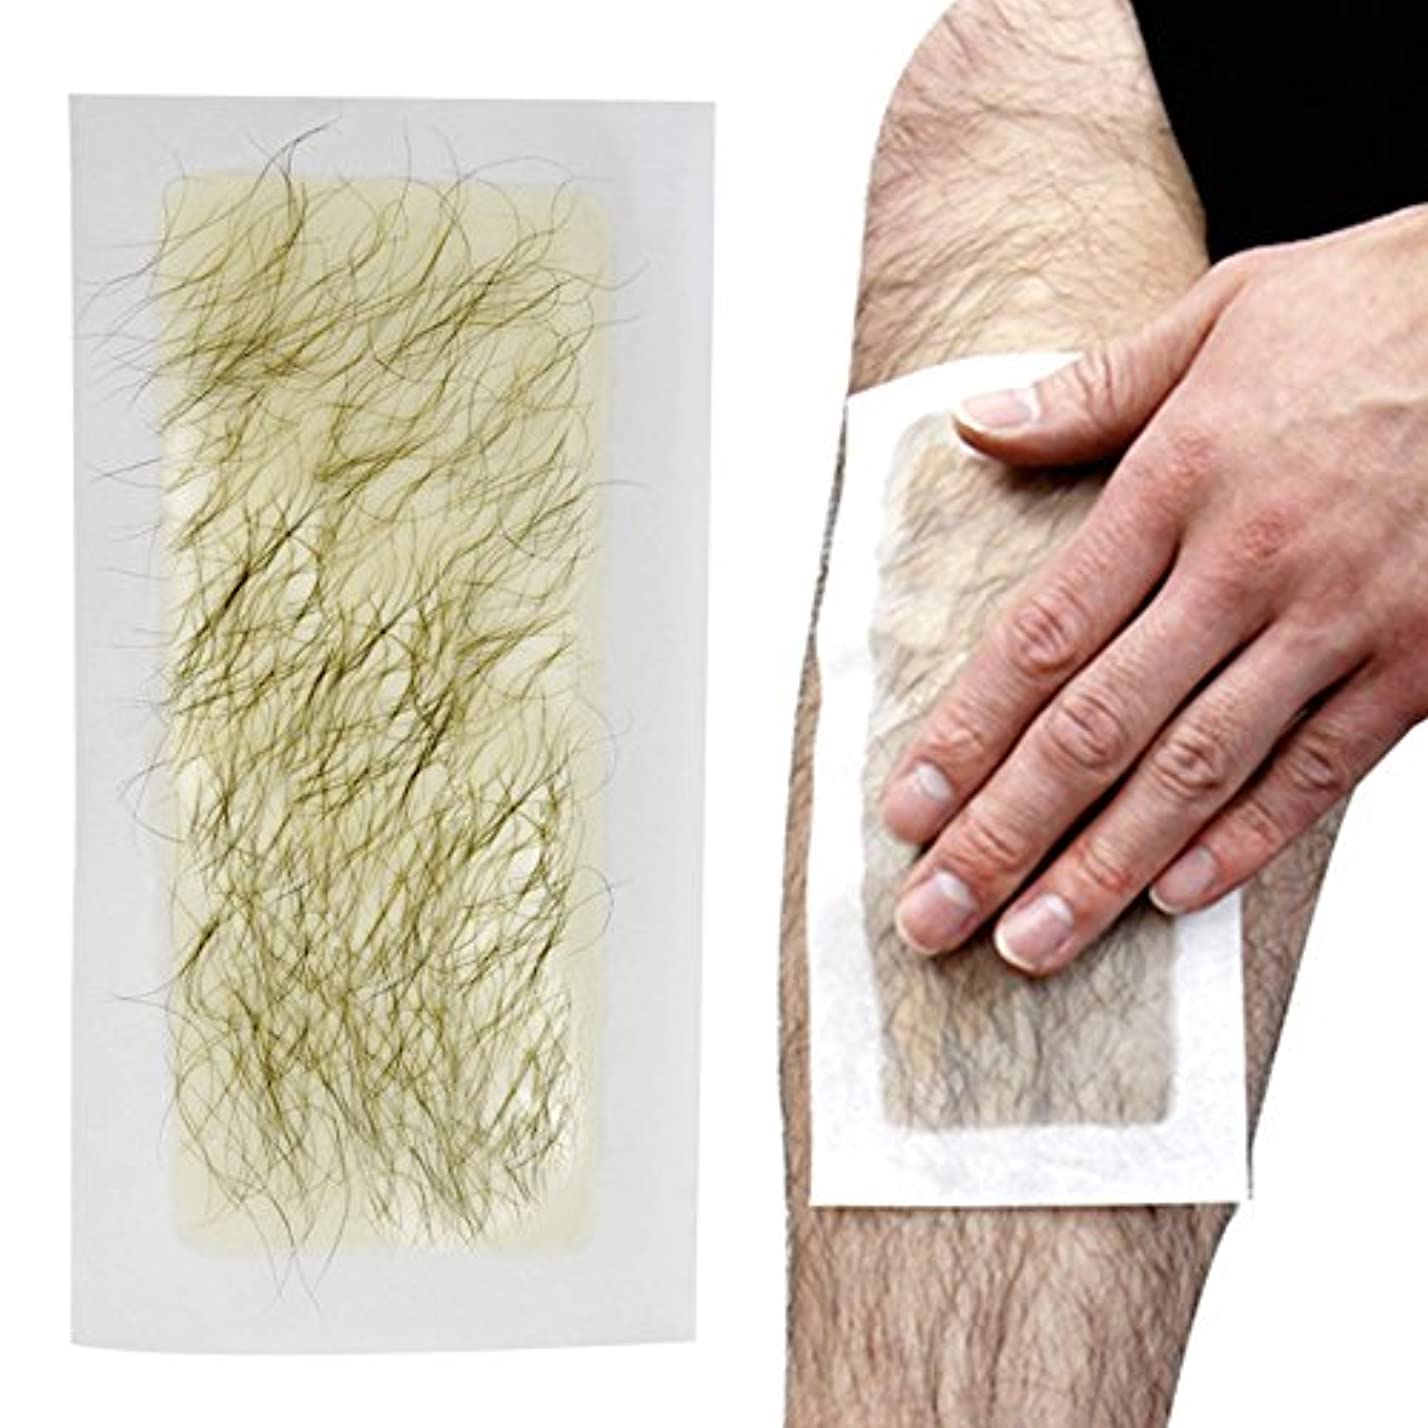 便利さ調和のとれた薄める脱毛シート 100回分 ブラジリアンワックス 処理 お手軽美人 脱毛纸 脱毛テープ